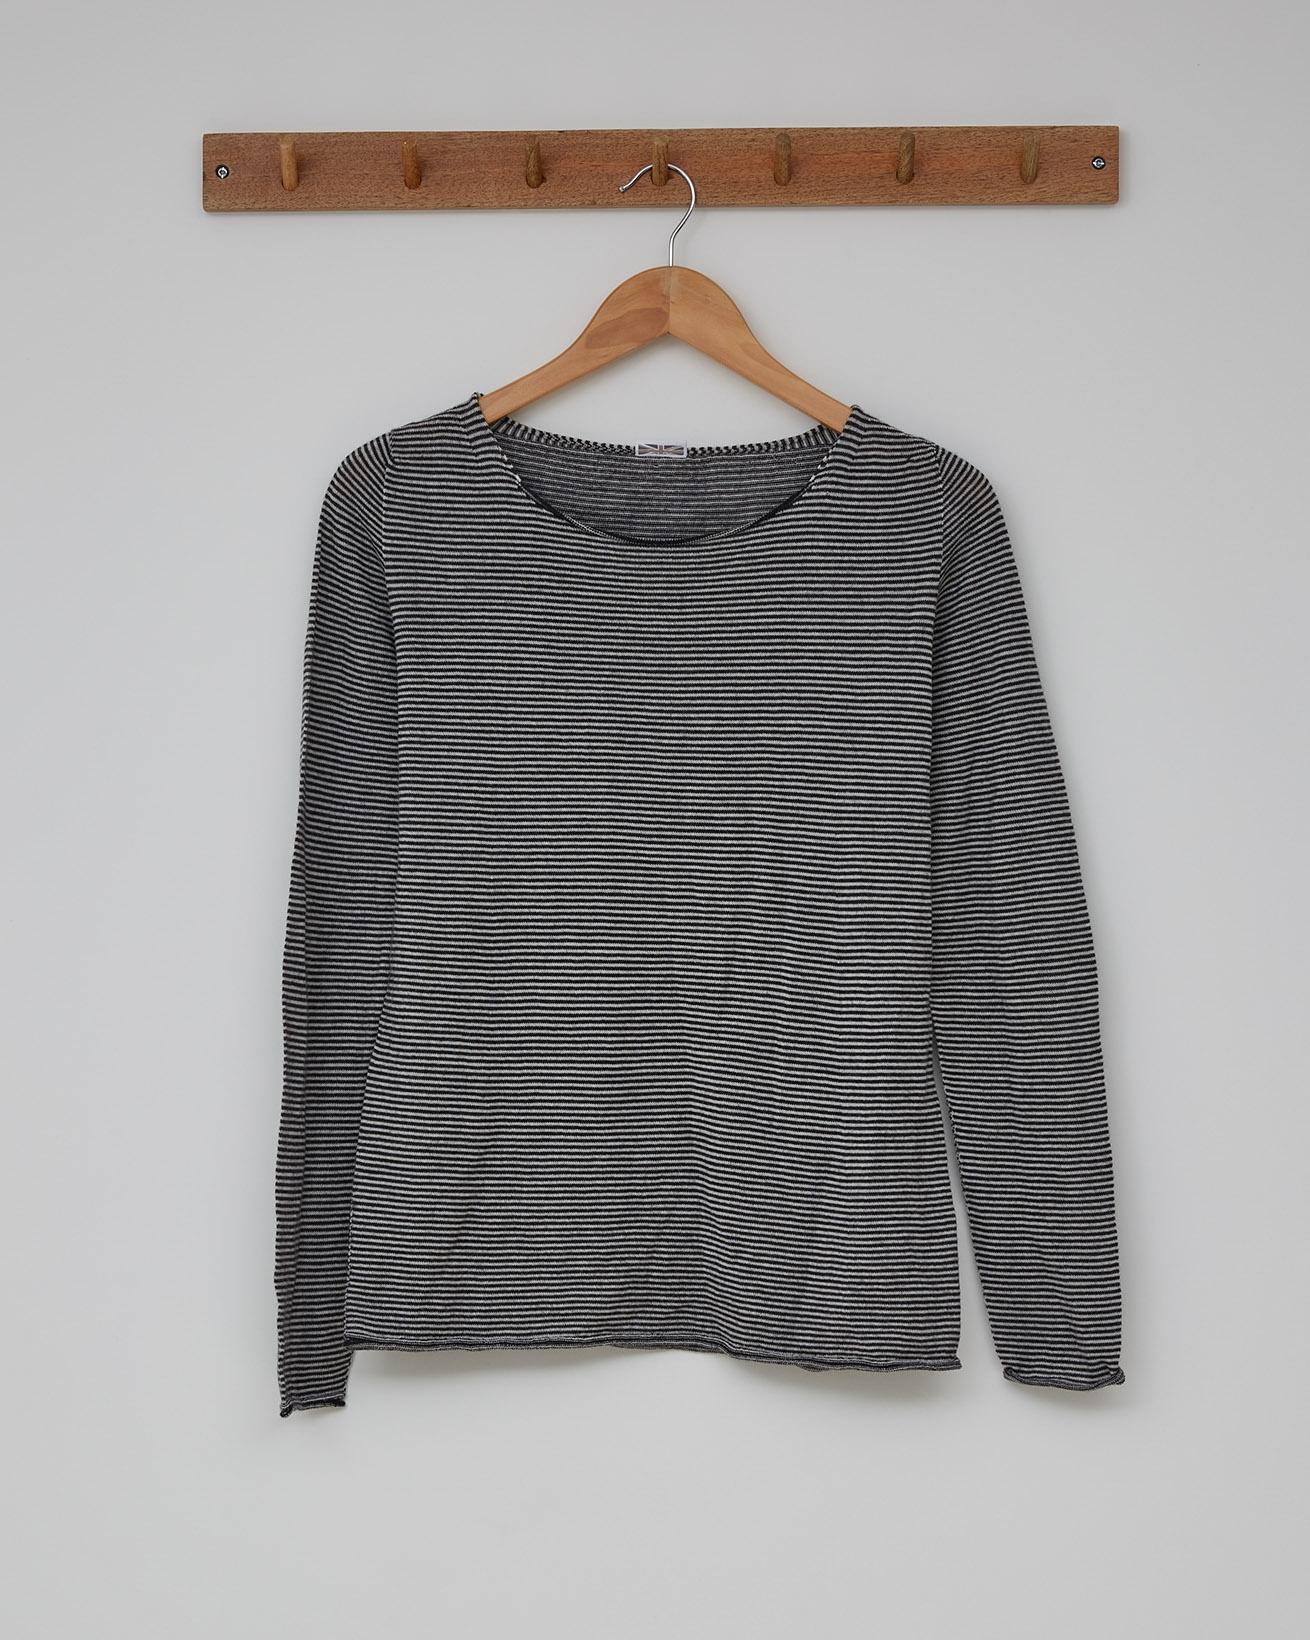 Fine Knit Merino Crew Neck - Size Small - Putty Microstripe - 2373